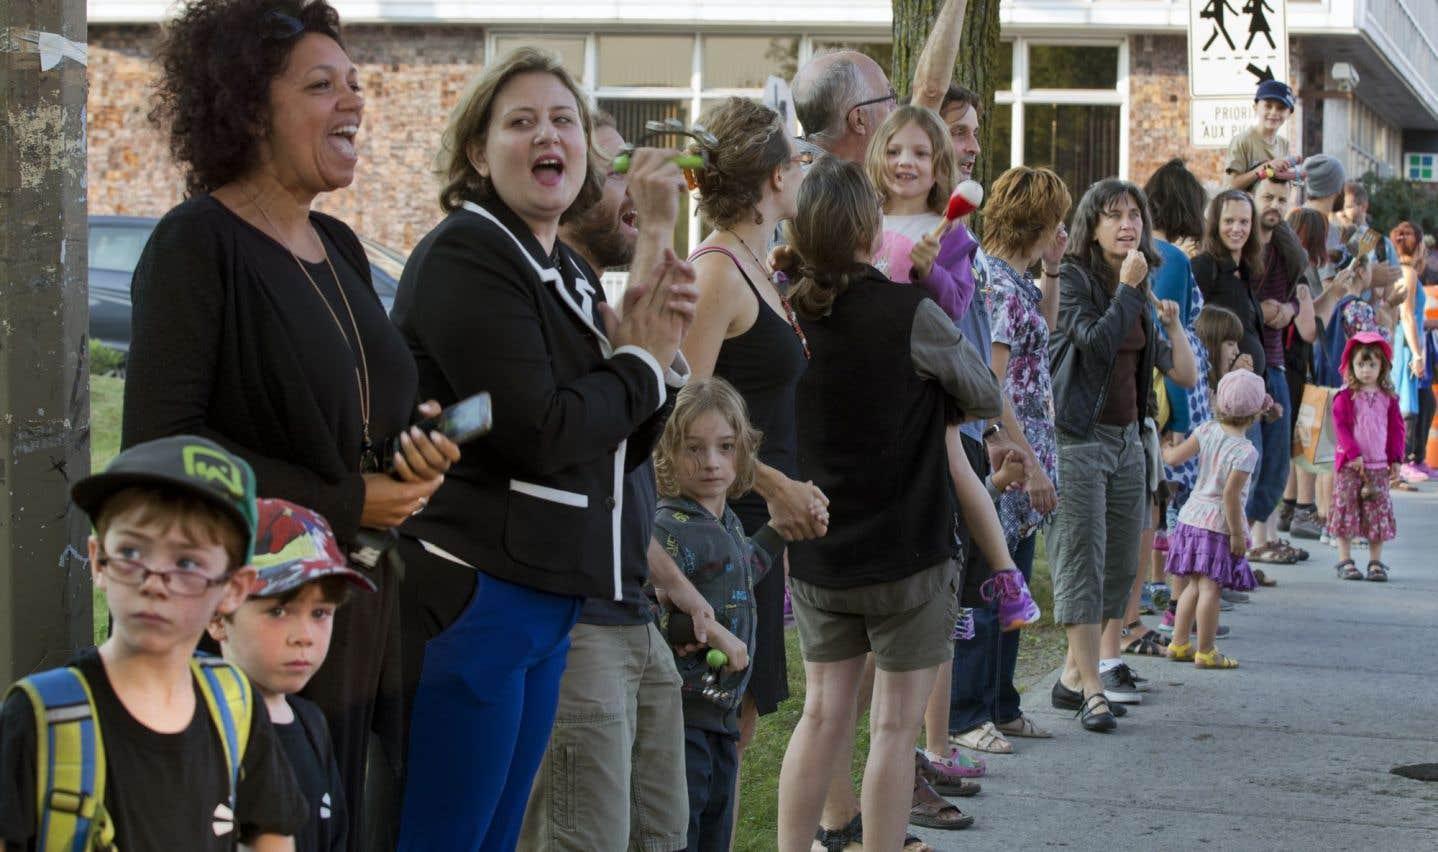 Une chaîne humaine dans la rue Beaubien à Montréal, en août